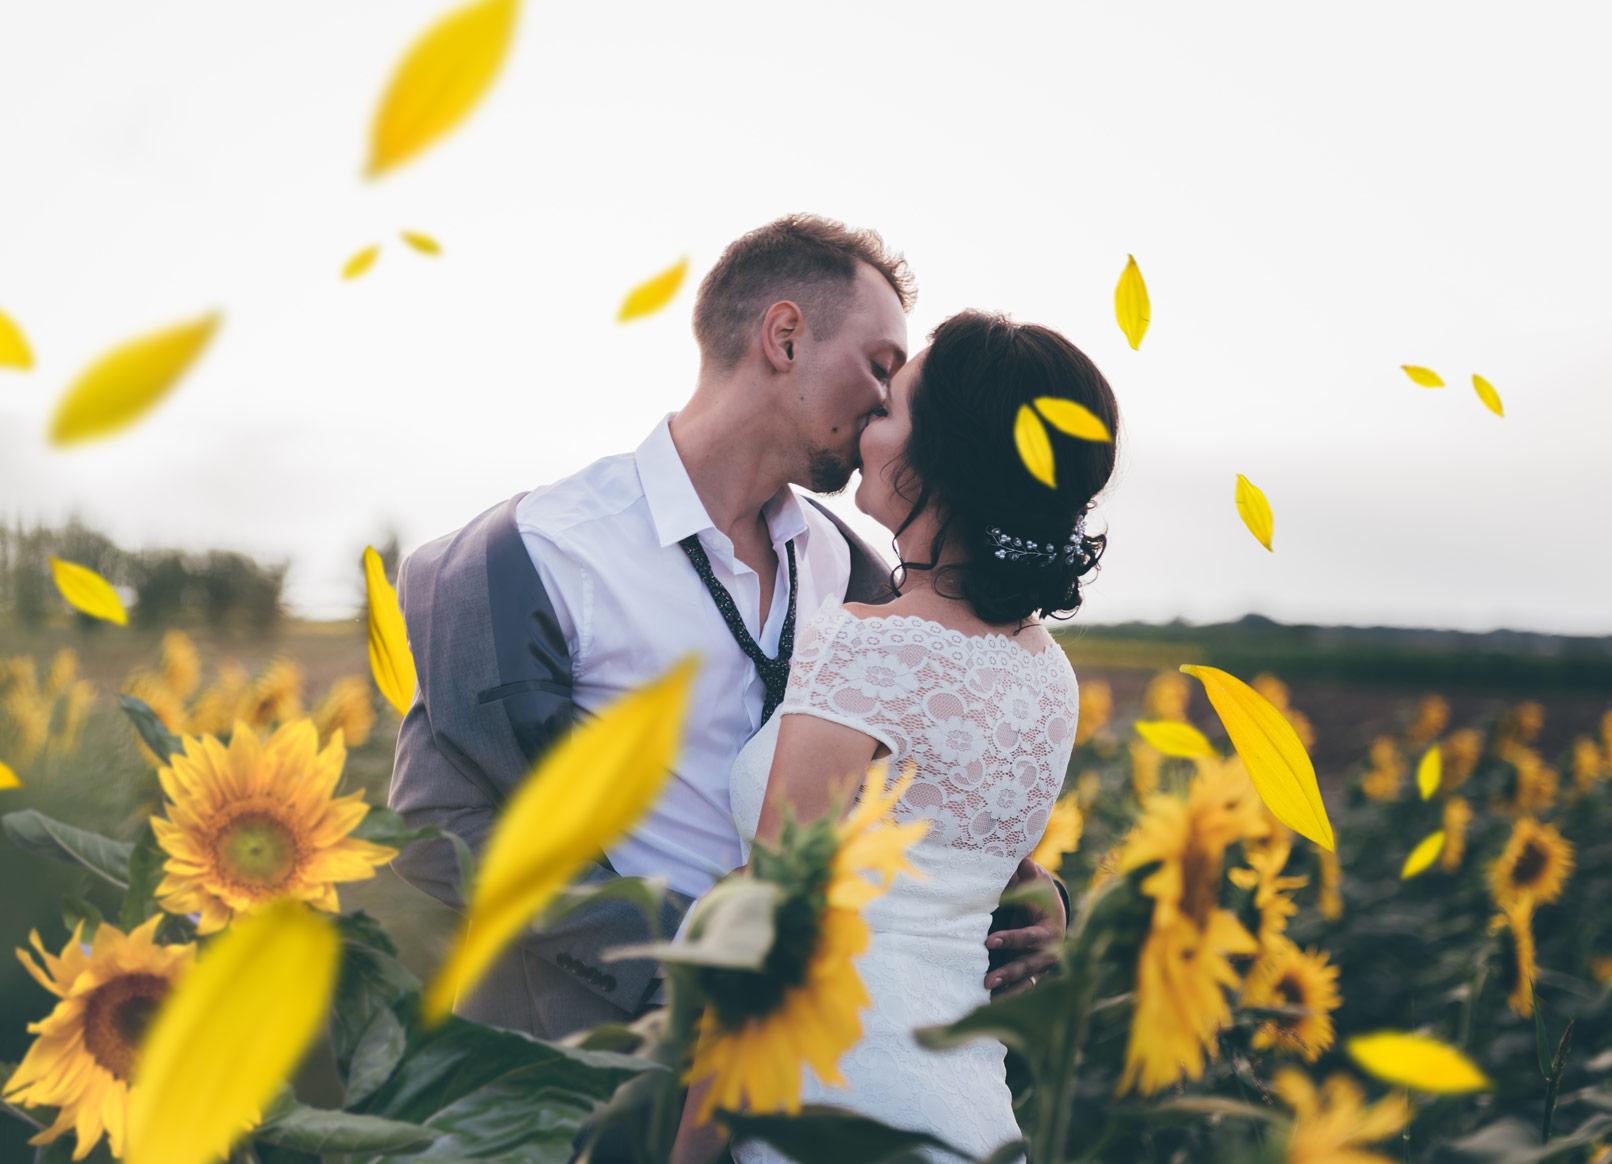 Bilder mit Sonnenblumen und Margeriten – gelbe Blüten vor transparentem Hintergrund